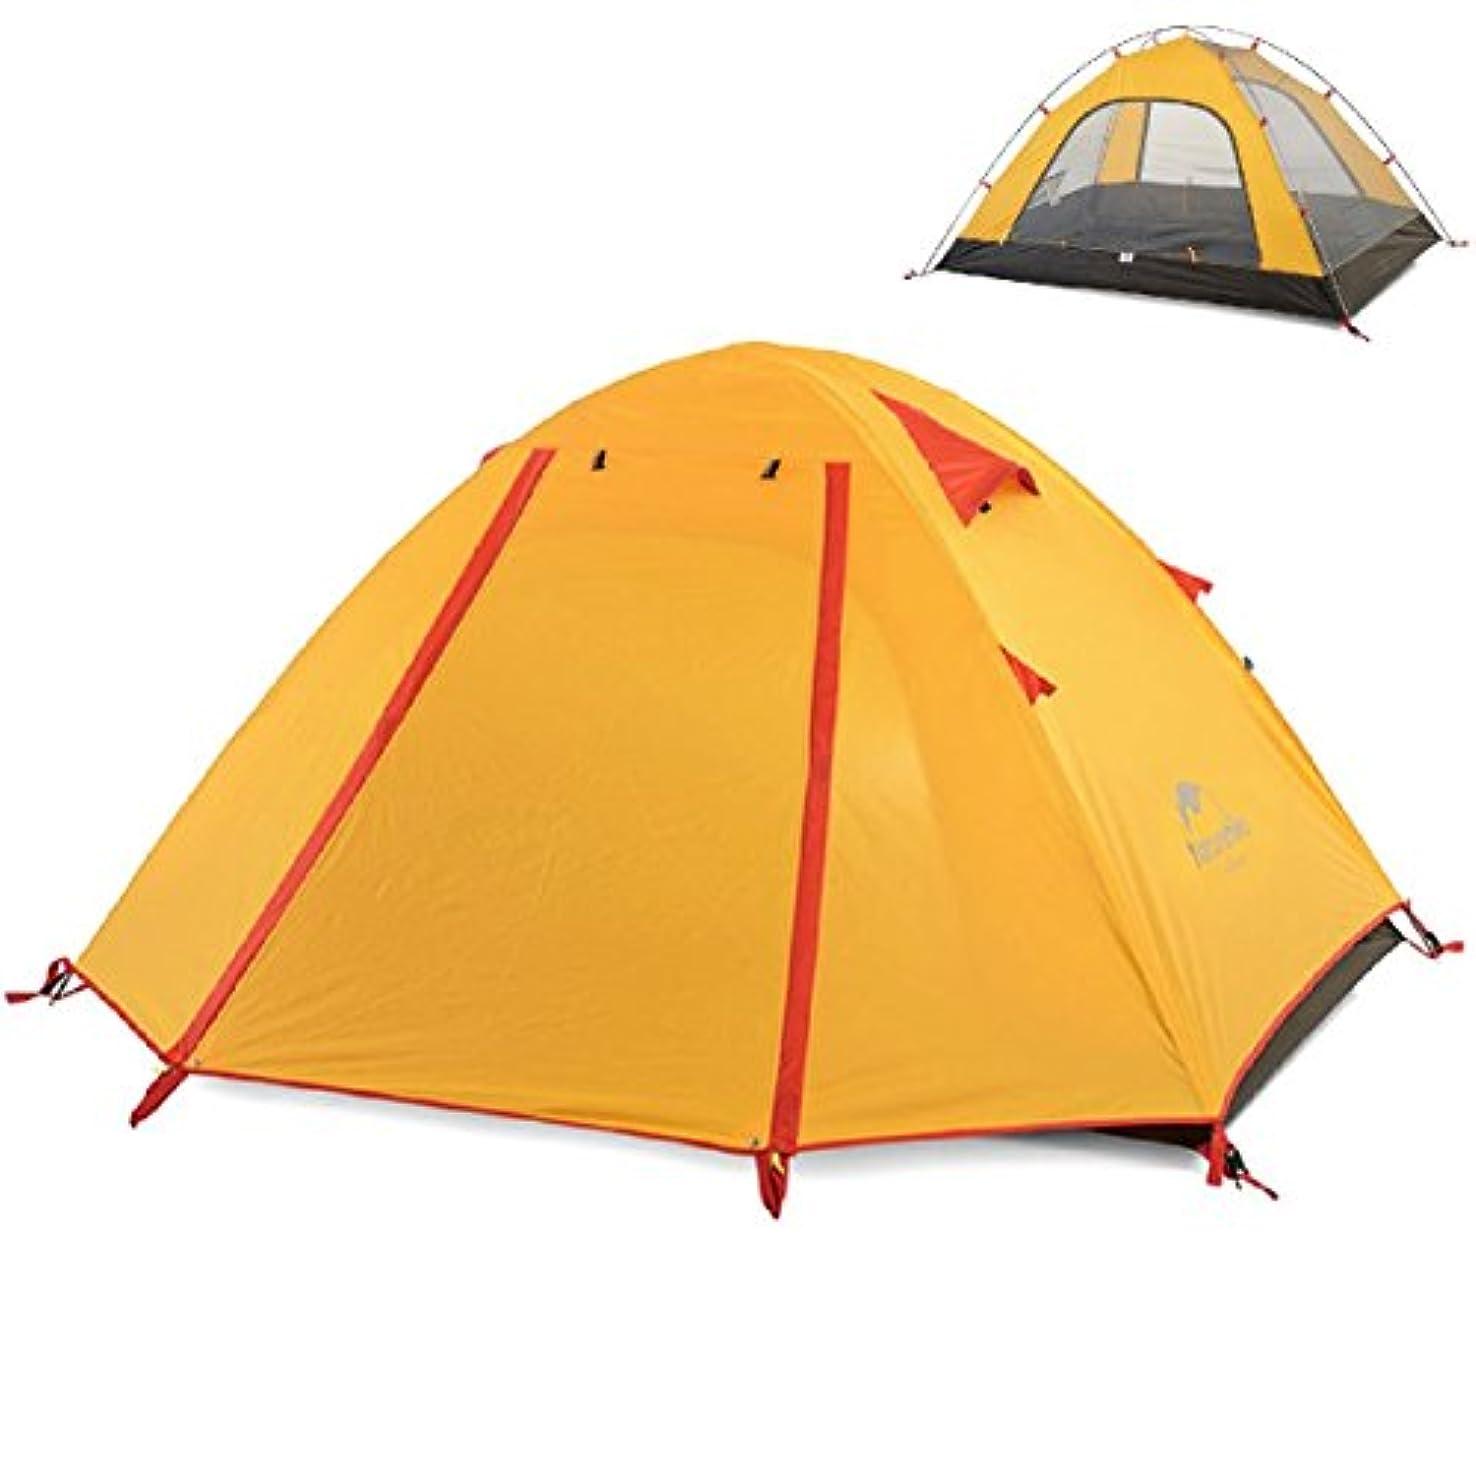 預言者準拠アウトドアTRIWONDER 二重層 テント 2-3-4人用 軽量防水 登山テント 山岳 キャンプ ツーリング用 高通気性 防災 設営簡単 4色選択可能